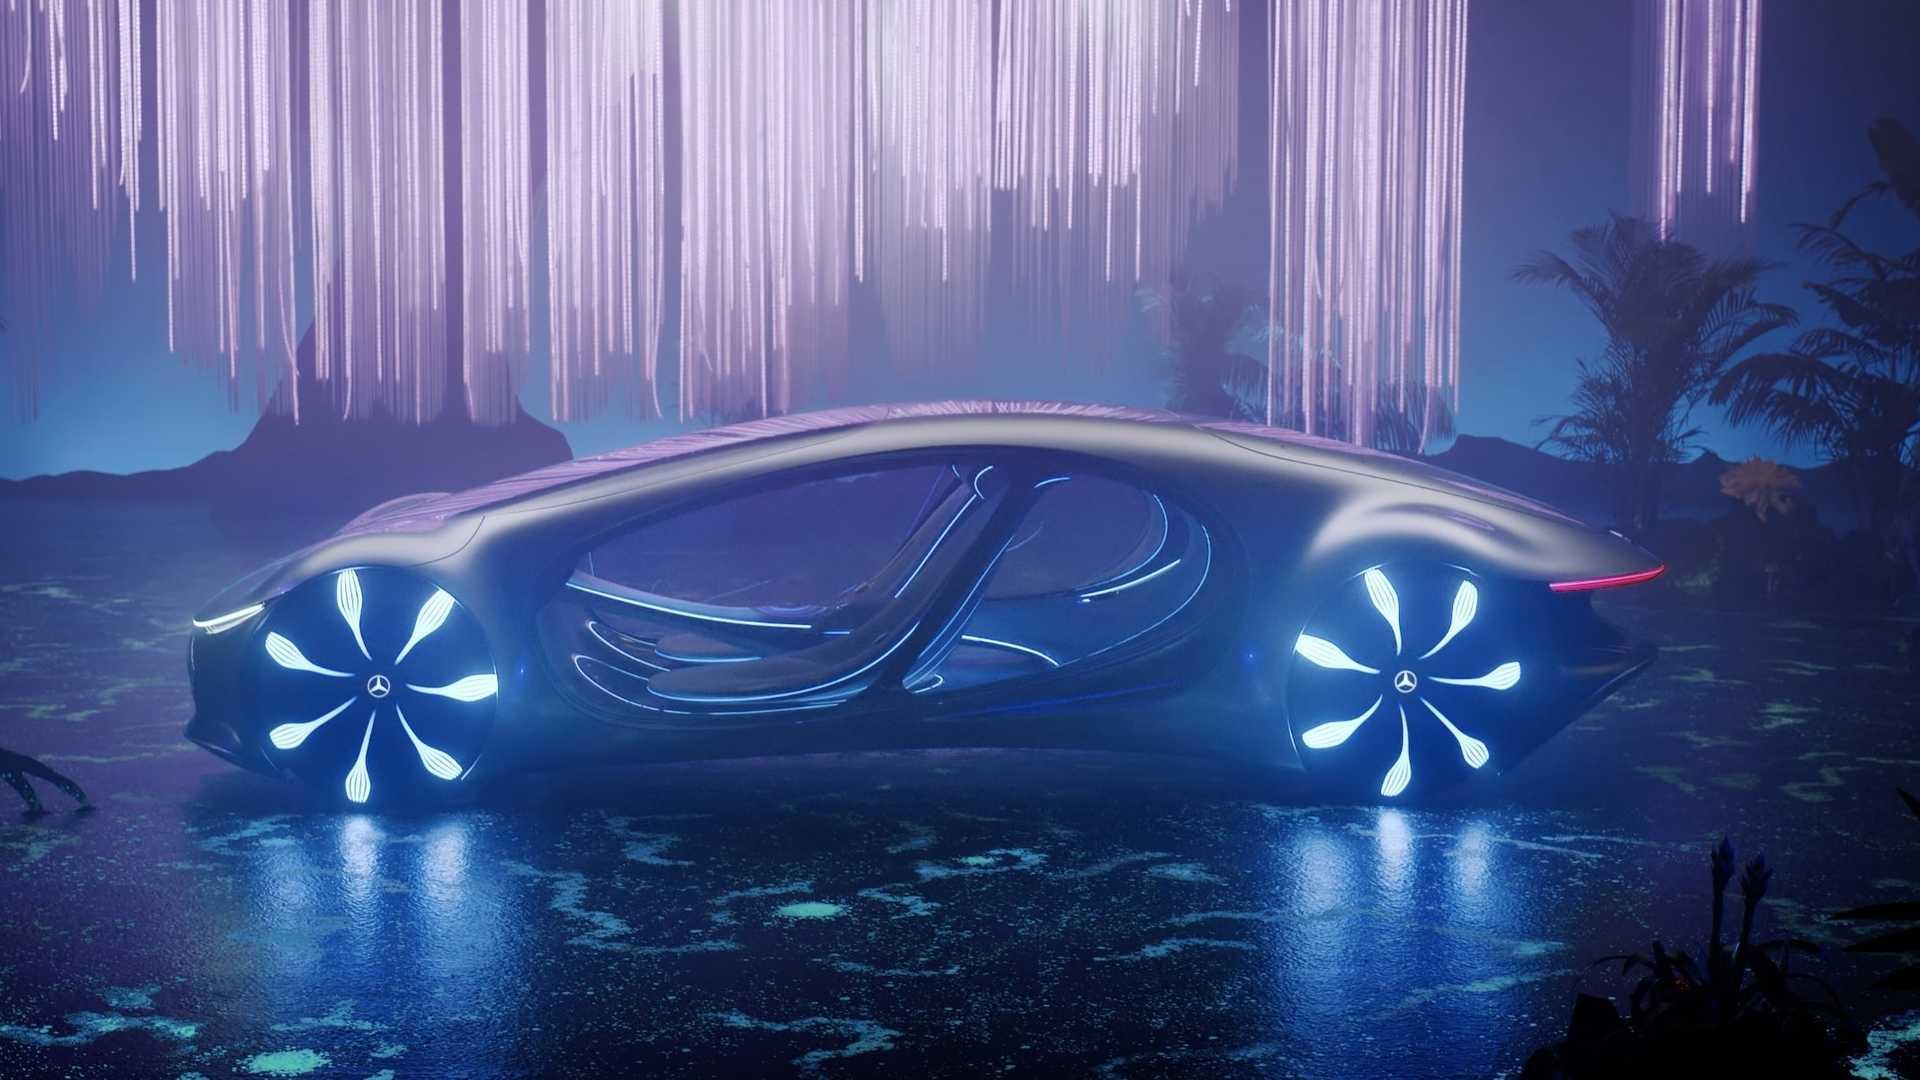 🚗 Mercedes планує стати вуглецево-нейтральною до 2040 року